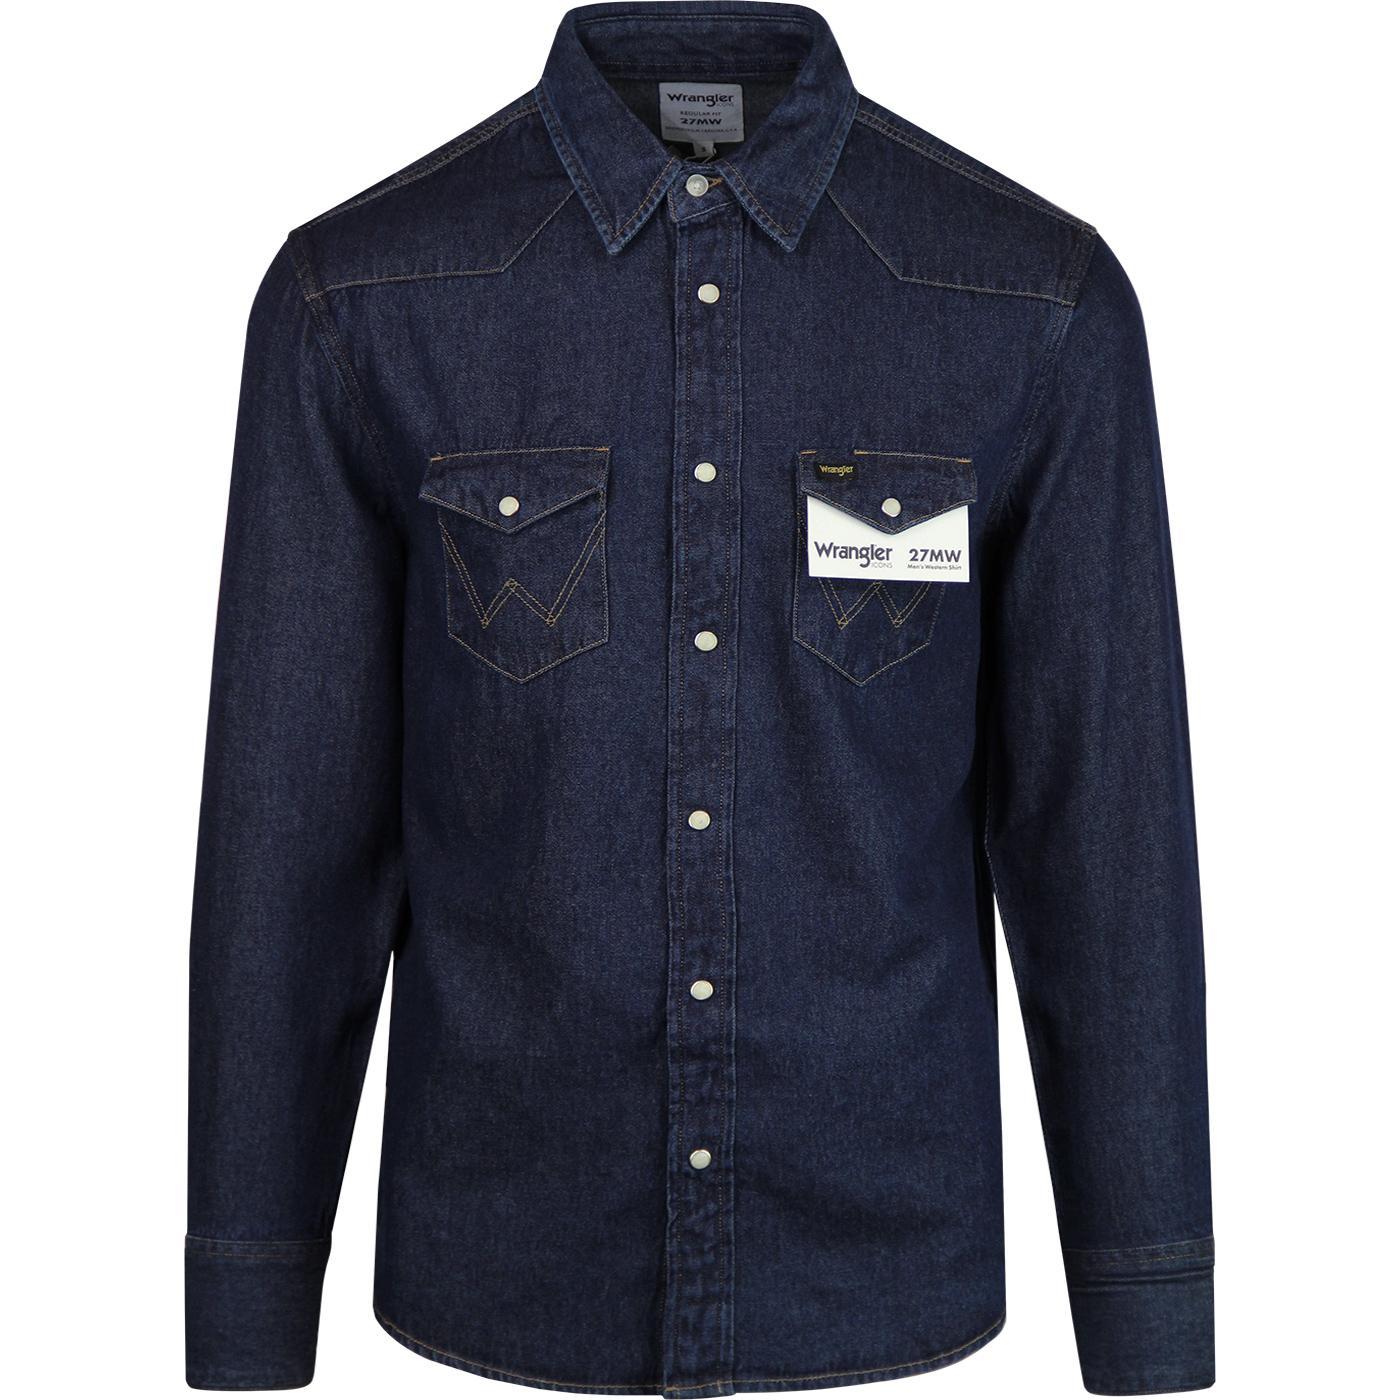 27MW WRANGLER Retro Mod Denim Men's Western Shirt